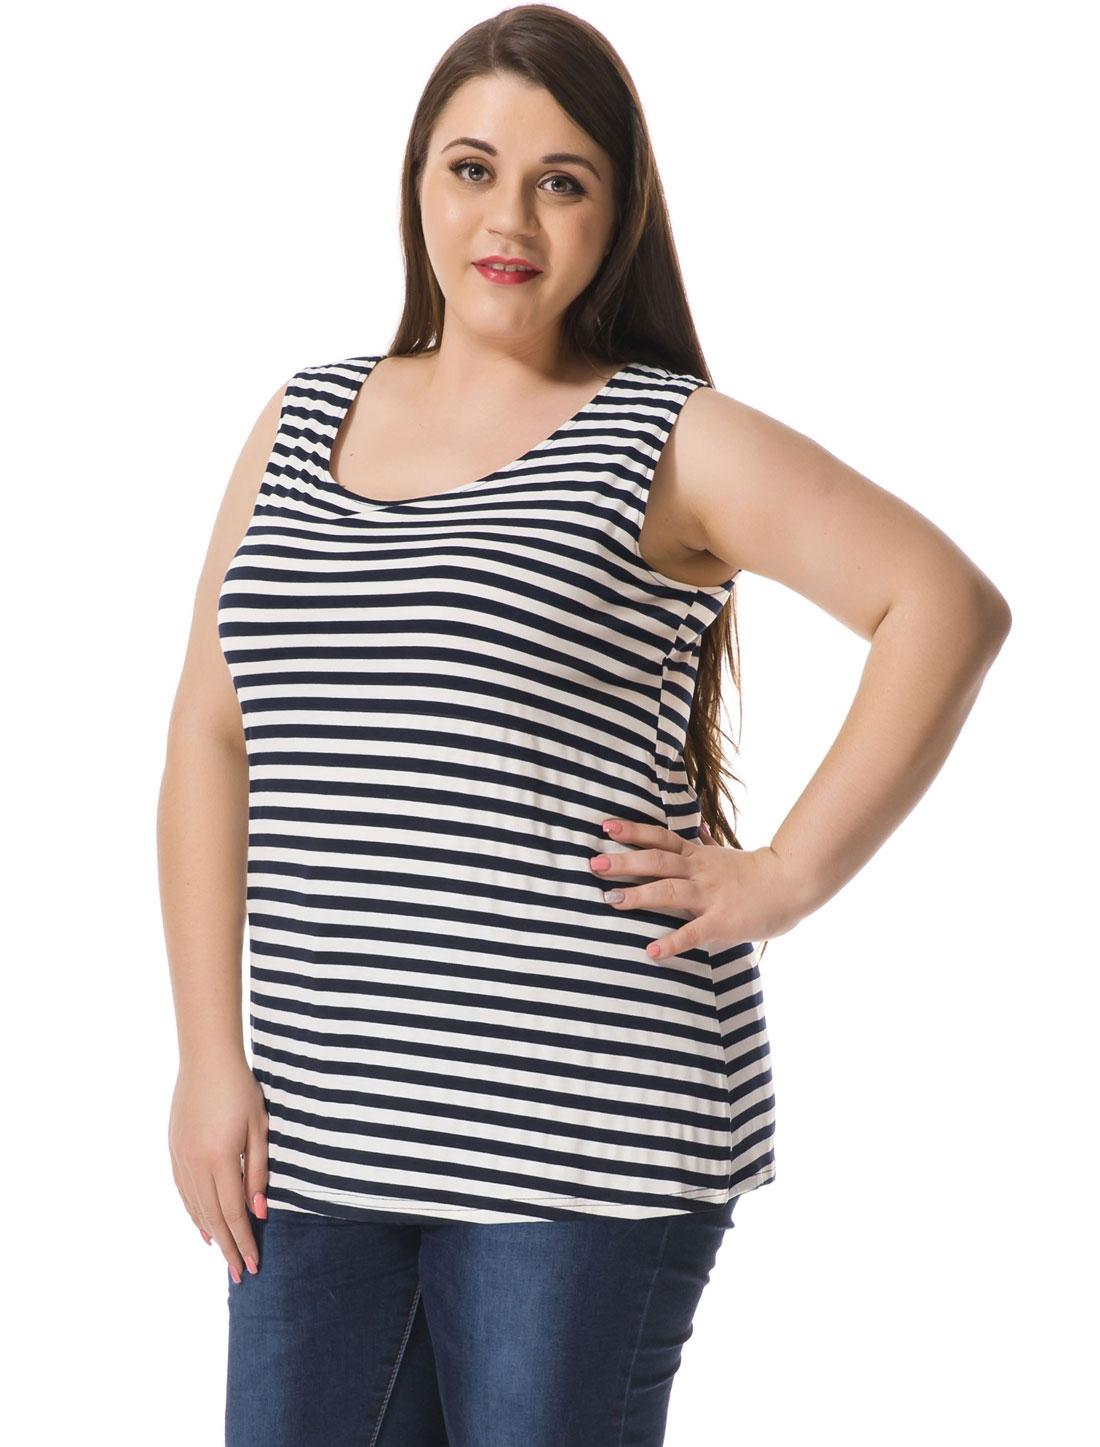 Women Plus Size Striped Top w Cut Out Bowknot Back Blue White 1X